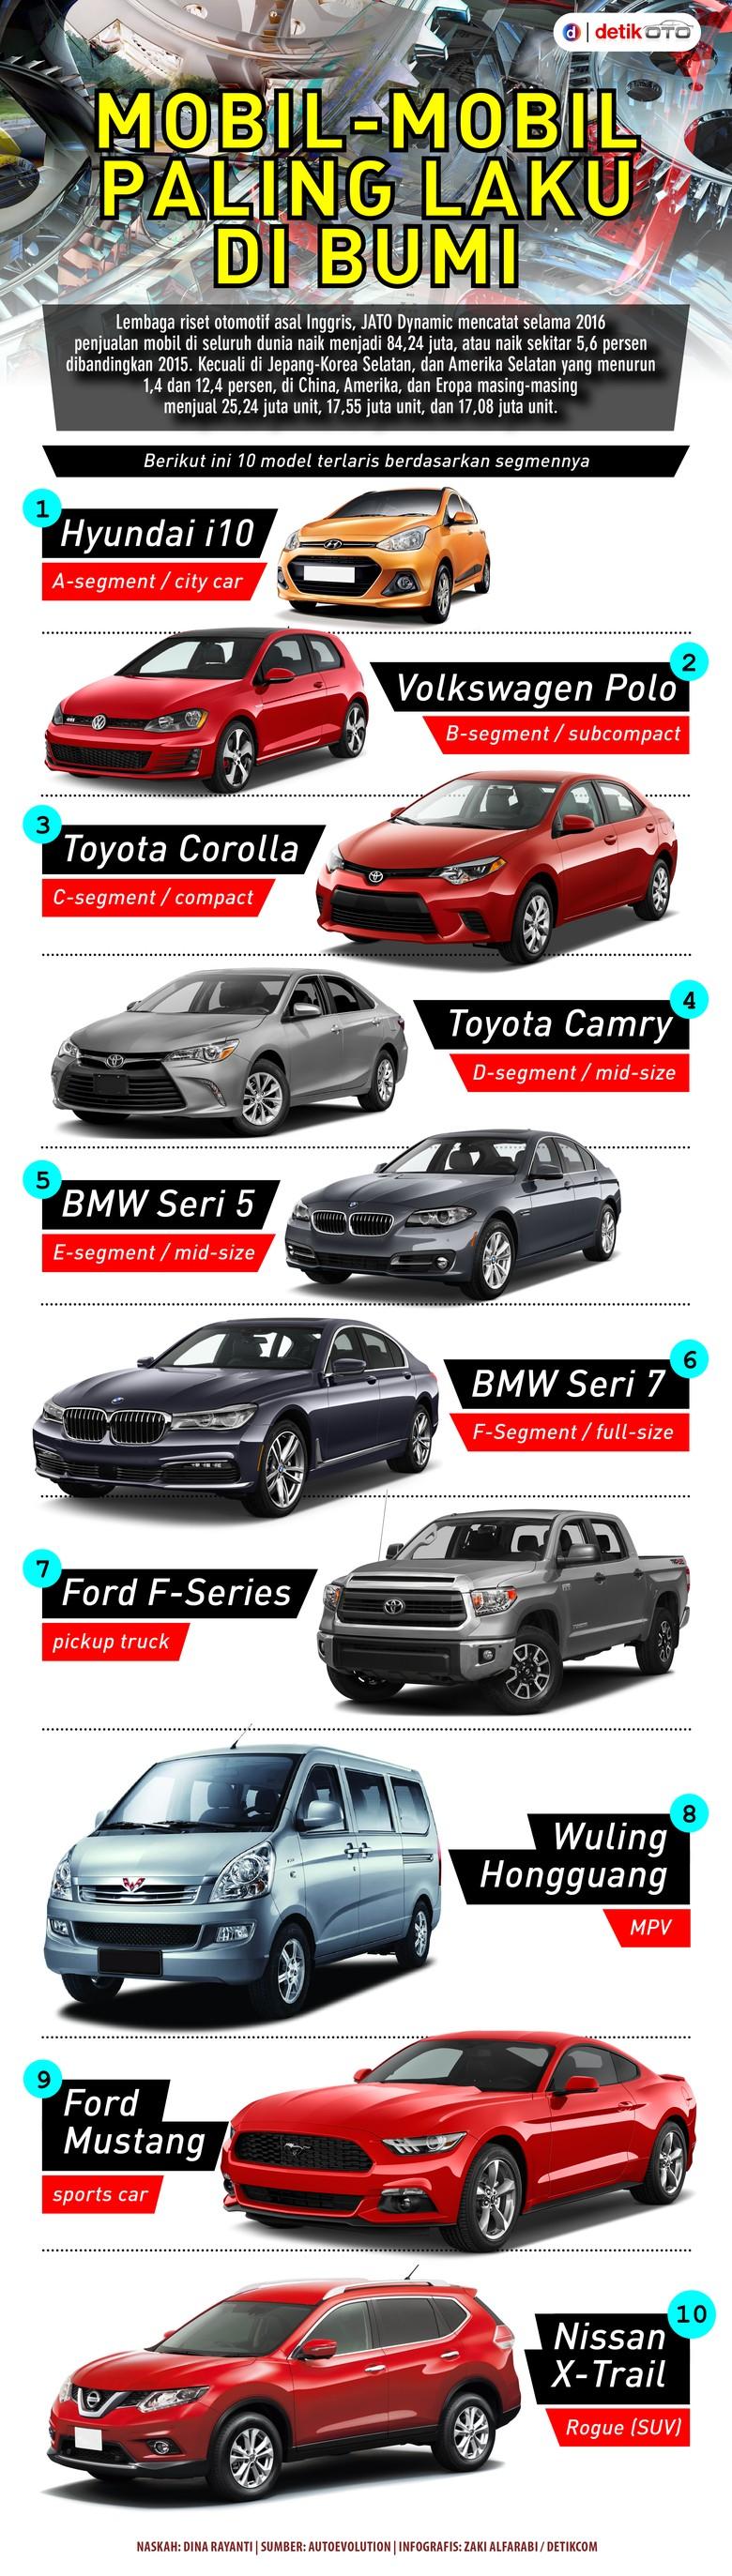 Mobil-Mobil Paling Laku di Bumi